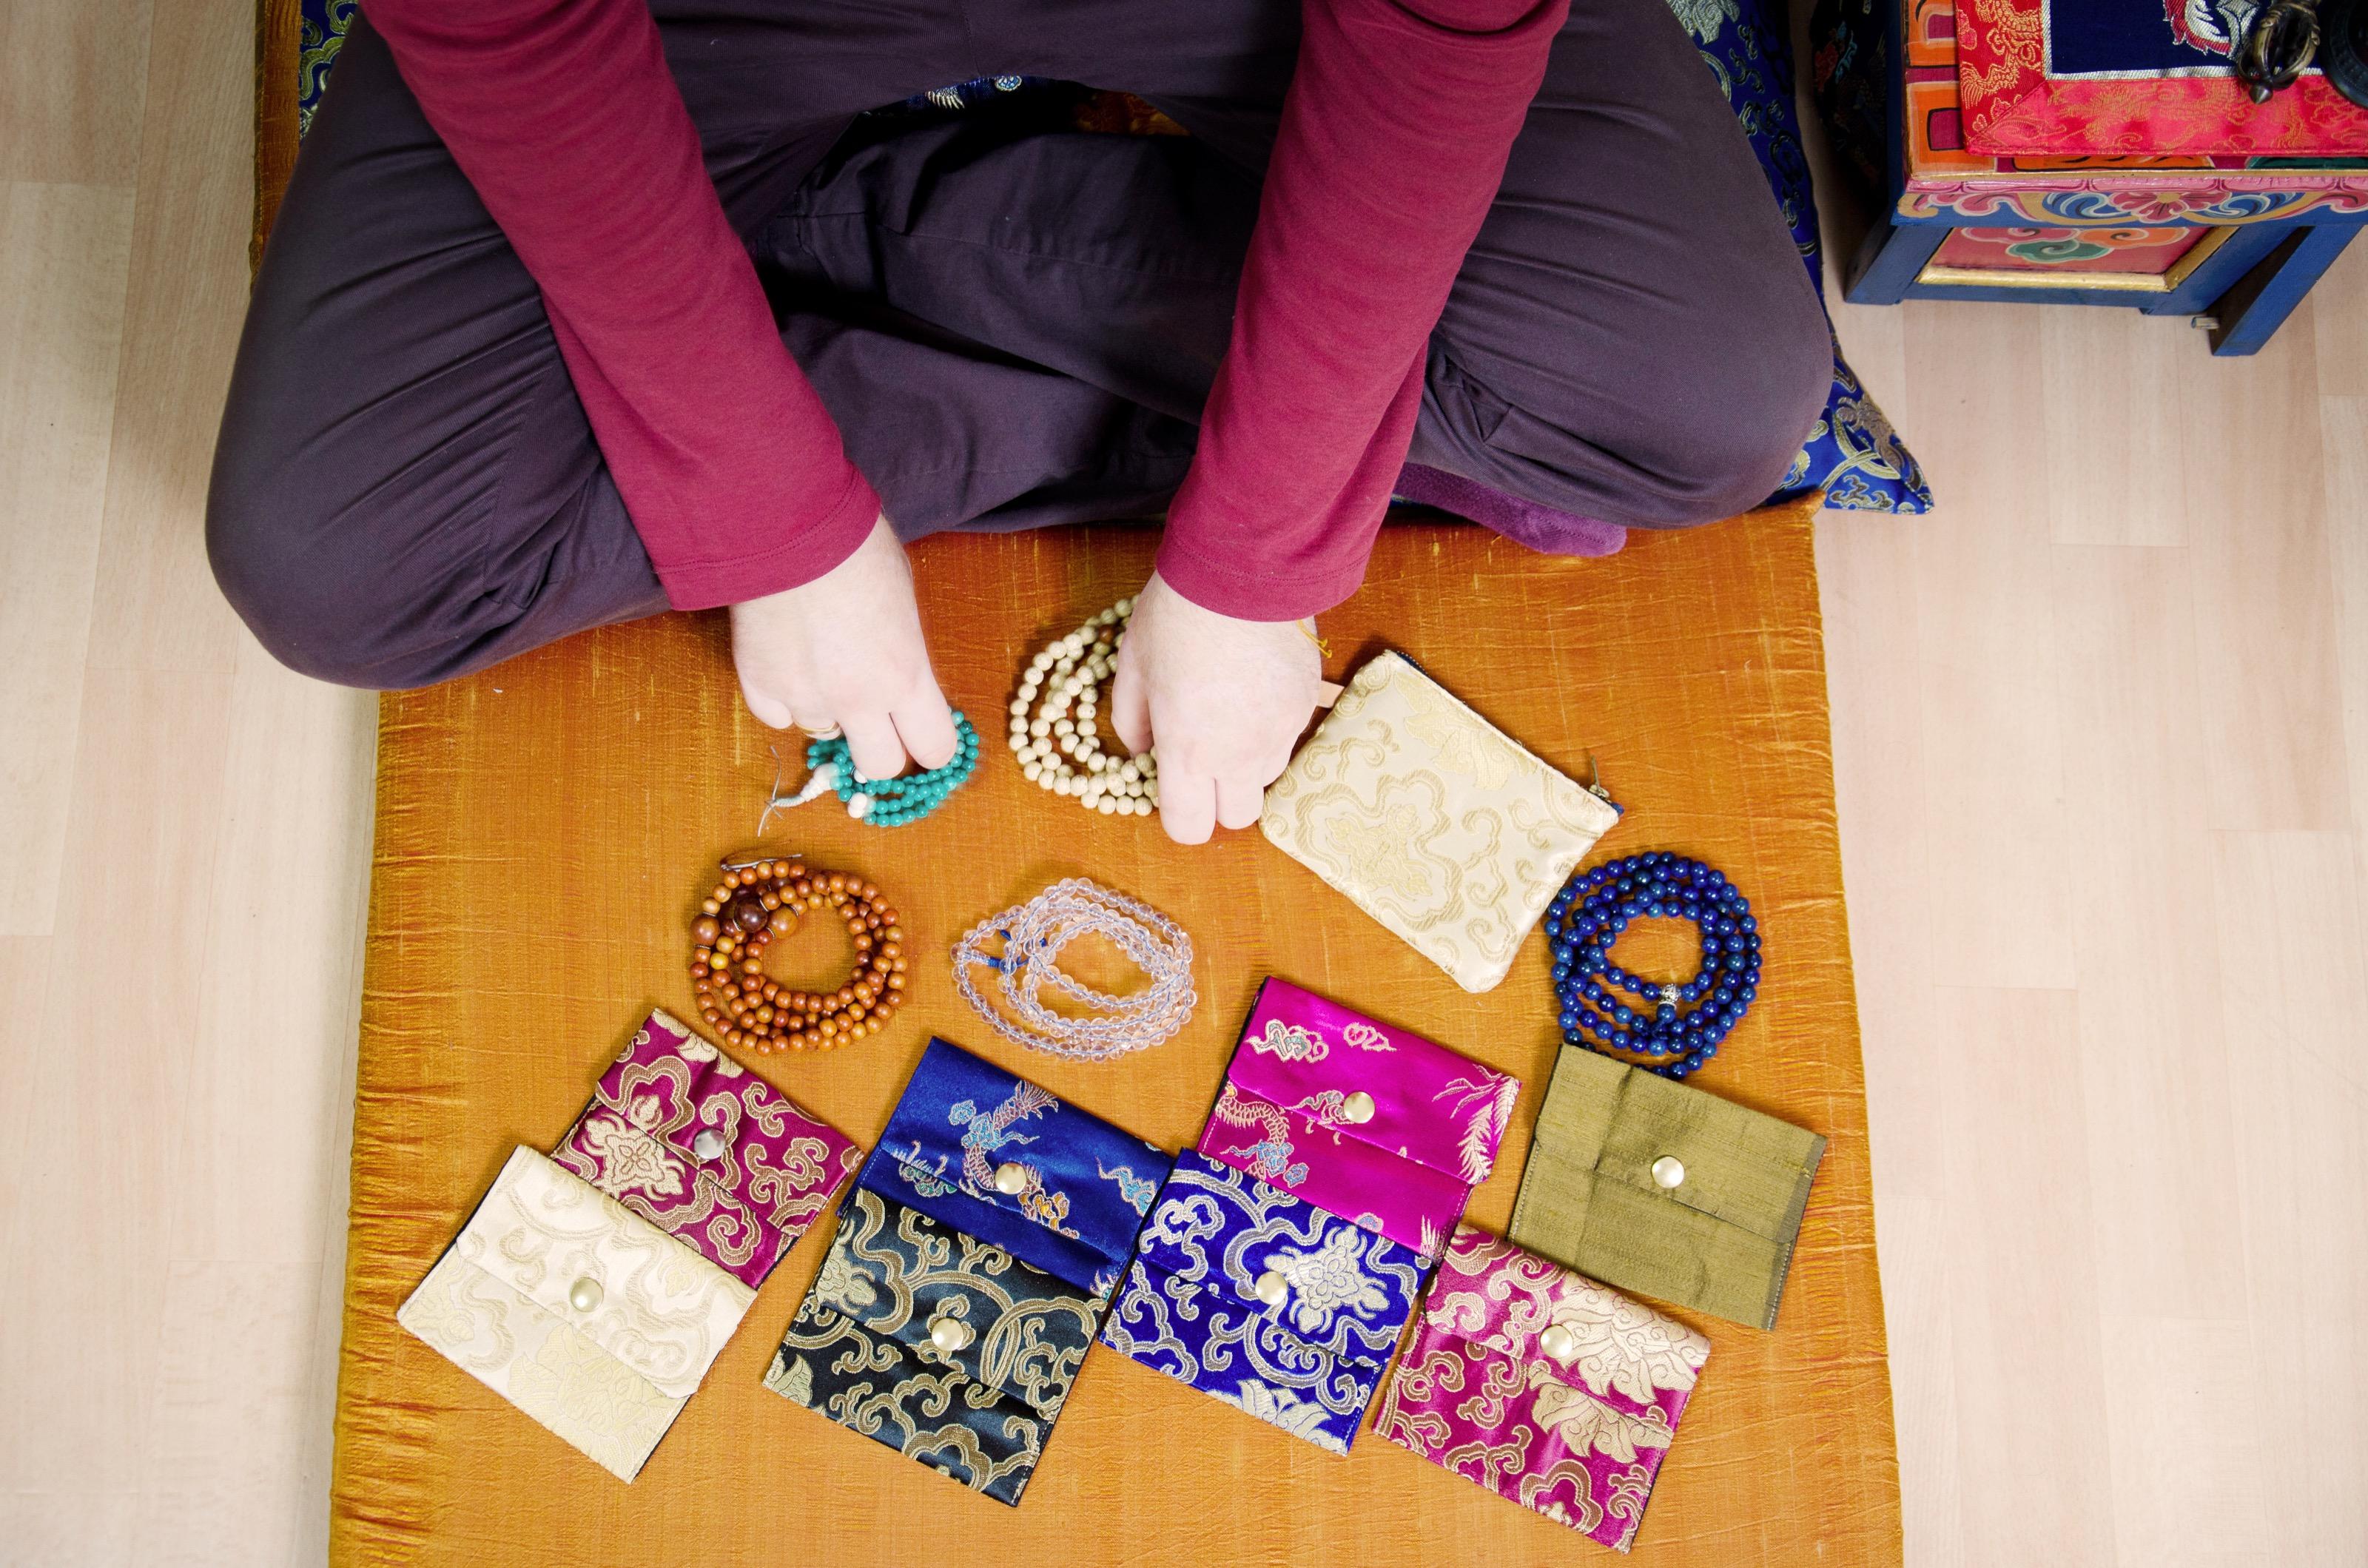 Mala und die Taschen